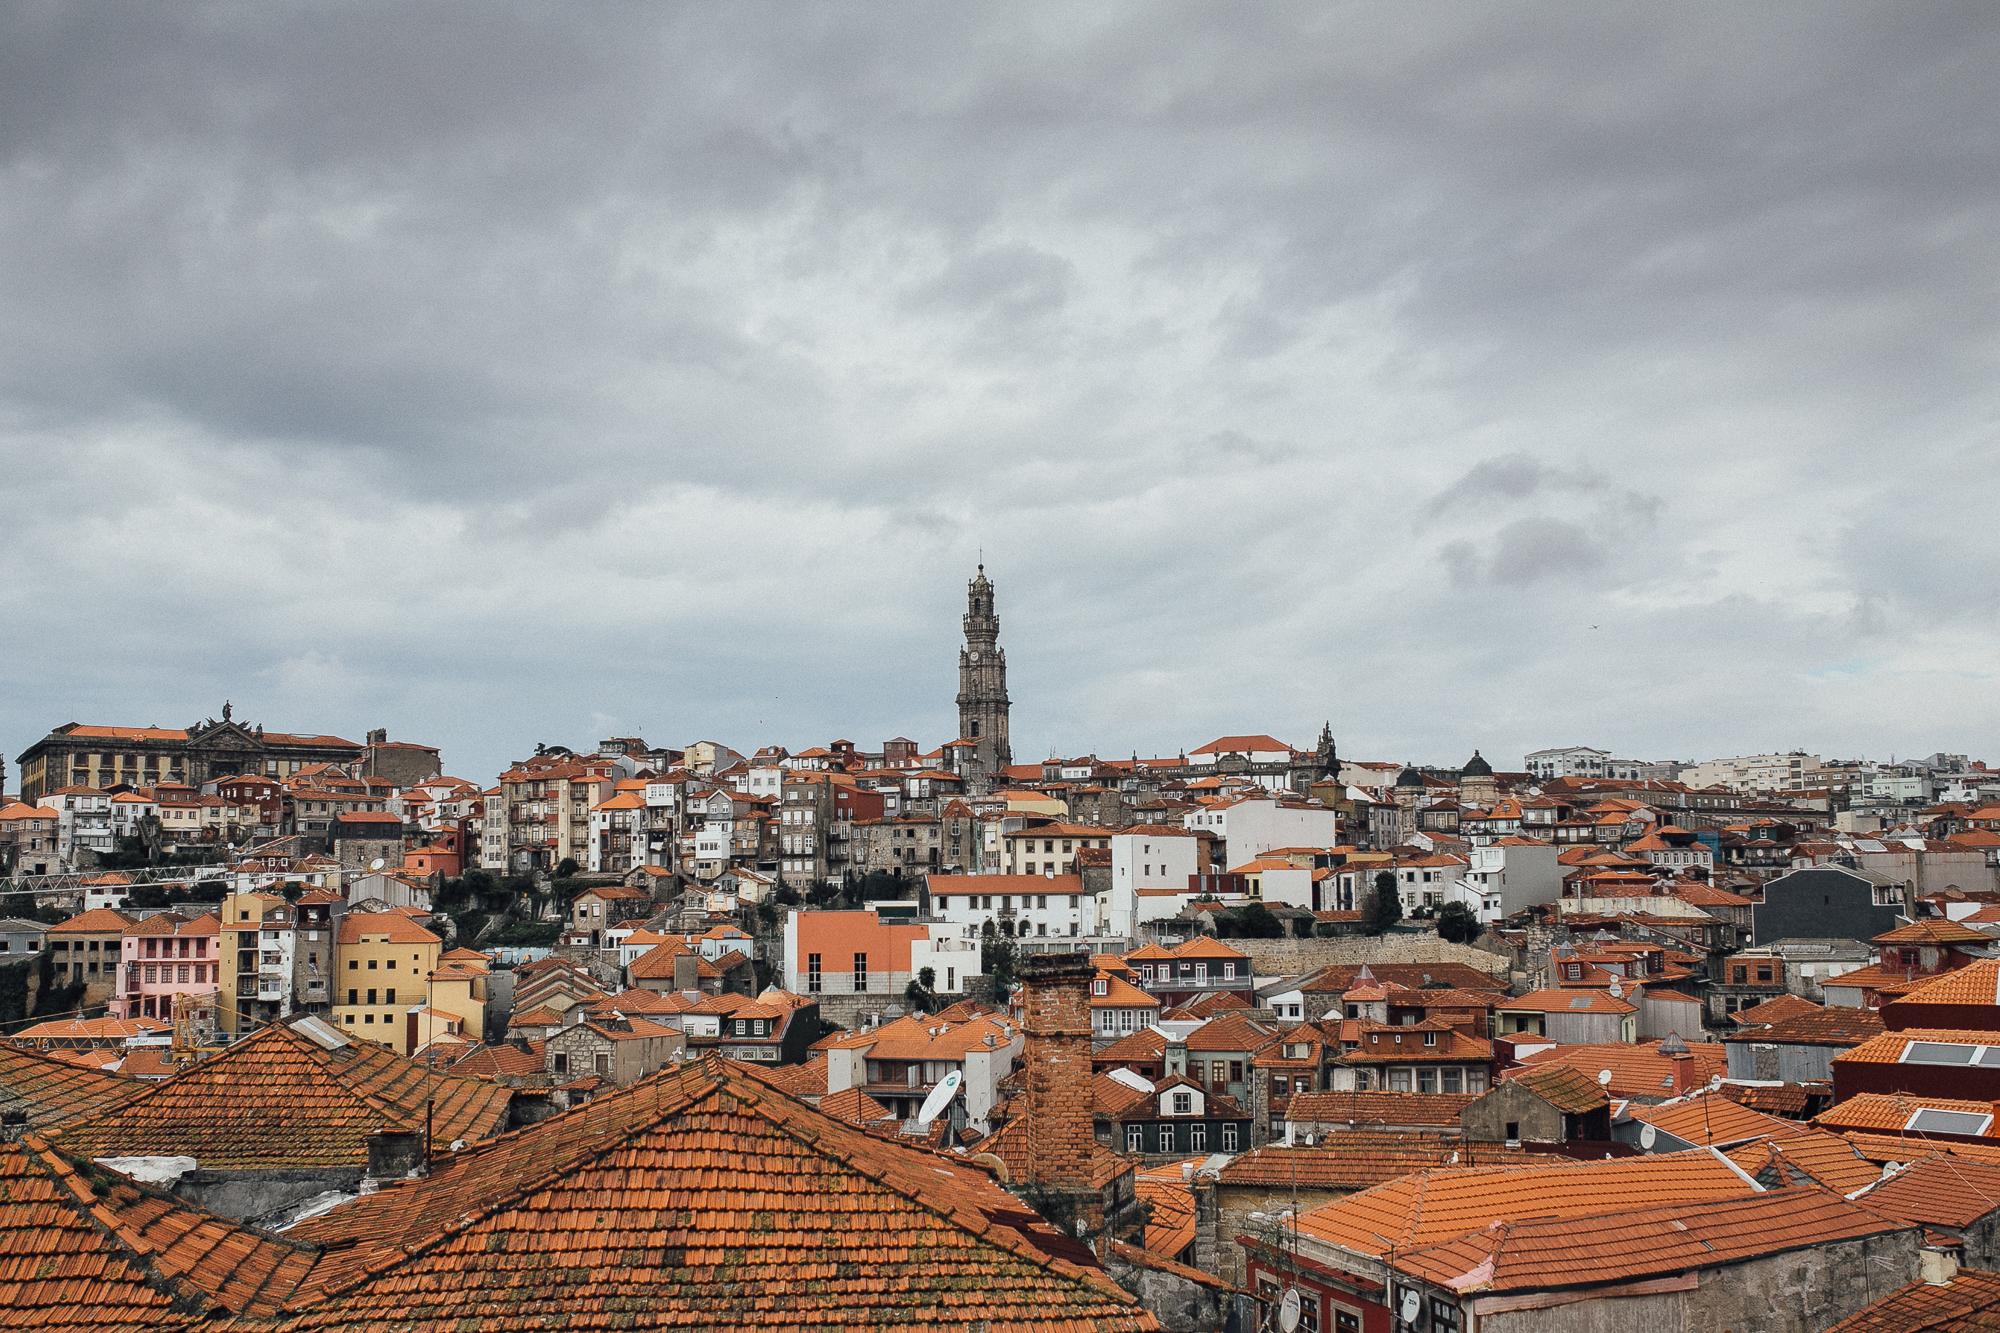 fotografo_de bodas_portugal_alfonso_flores-7566.jpg